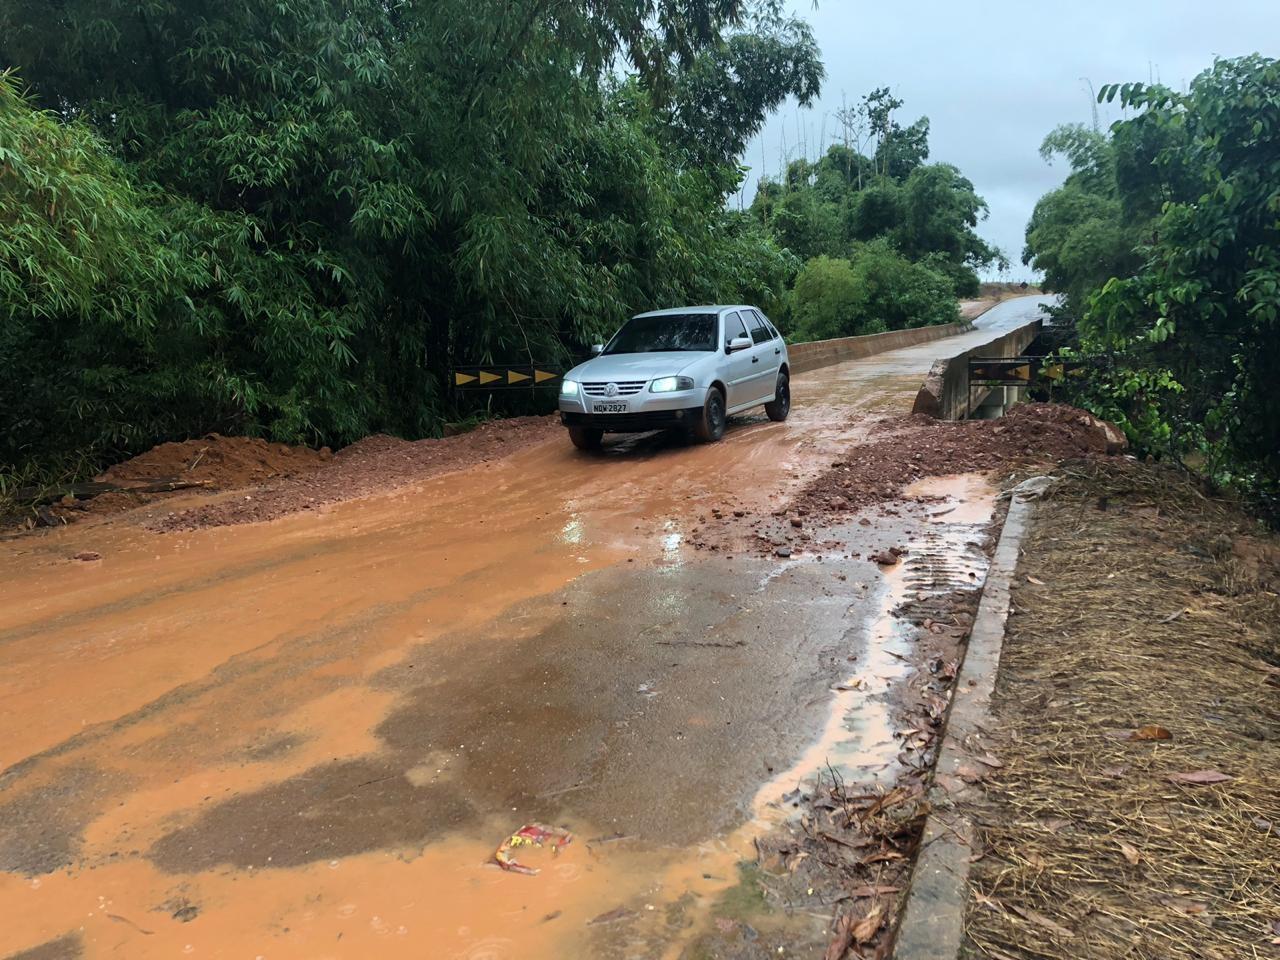 DER recupera cabeceira de ponte na RO-257 e tráfego é liberado em Ariquemes, RO